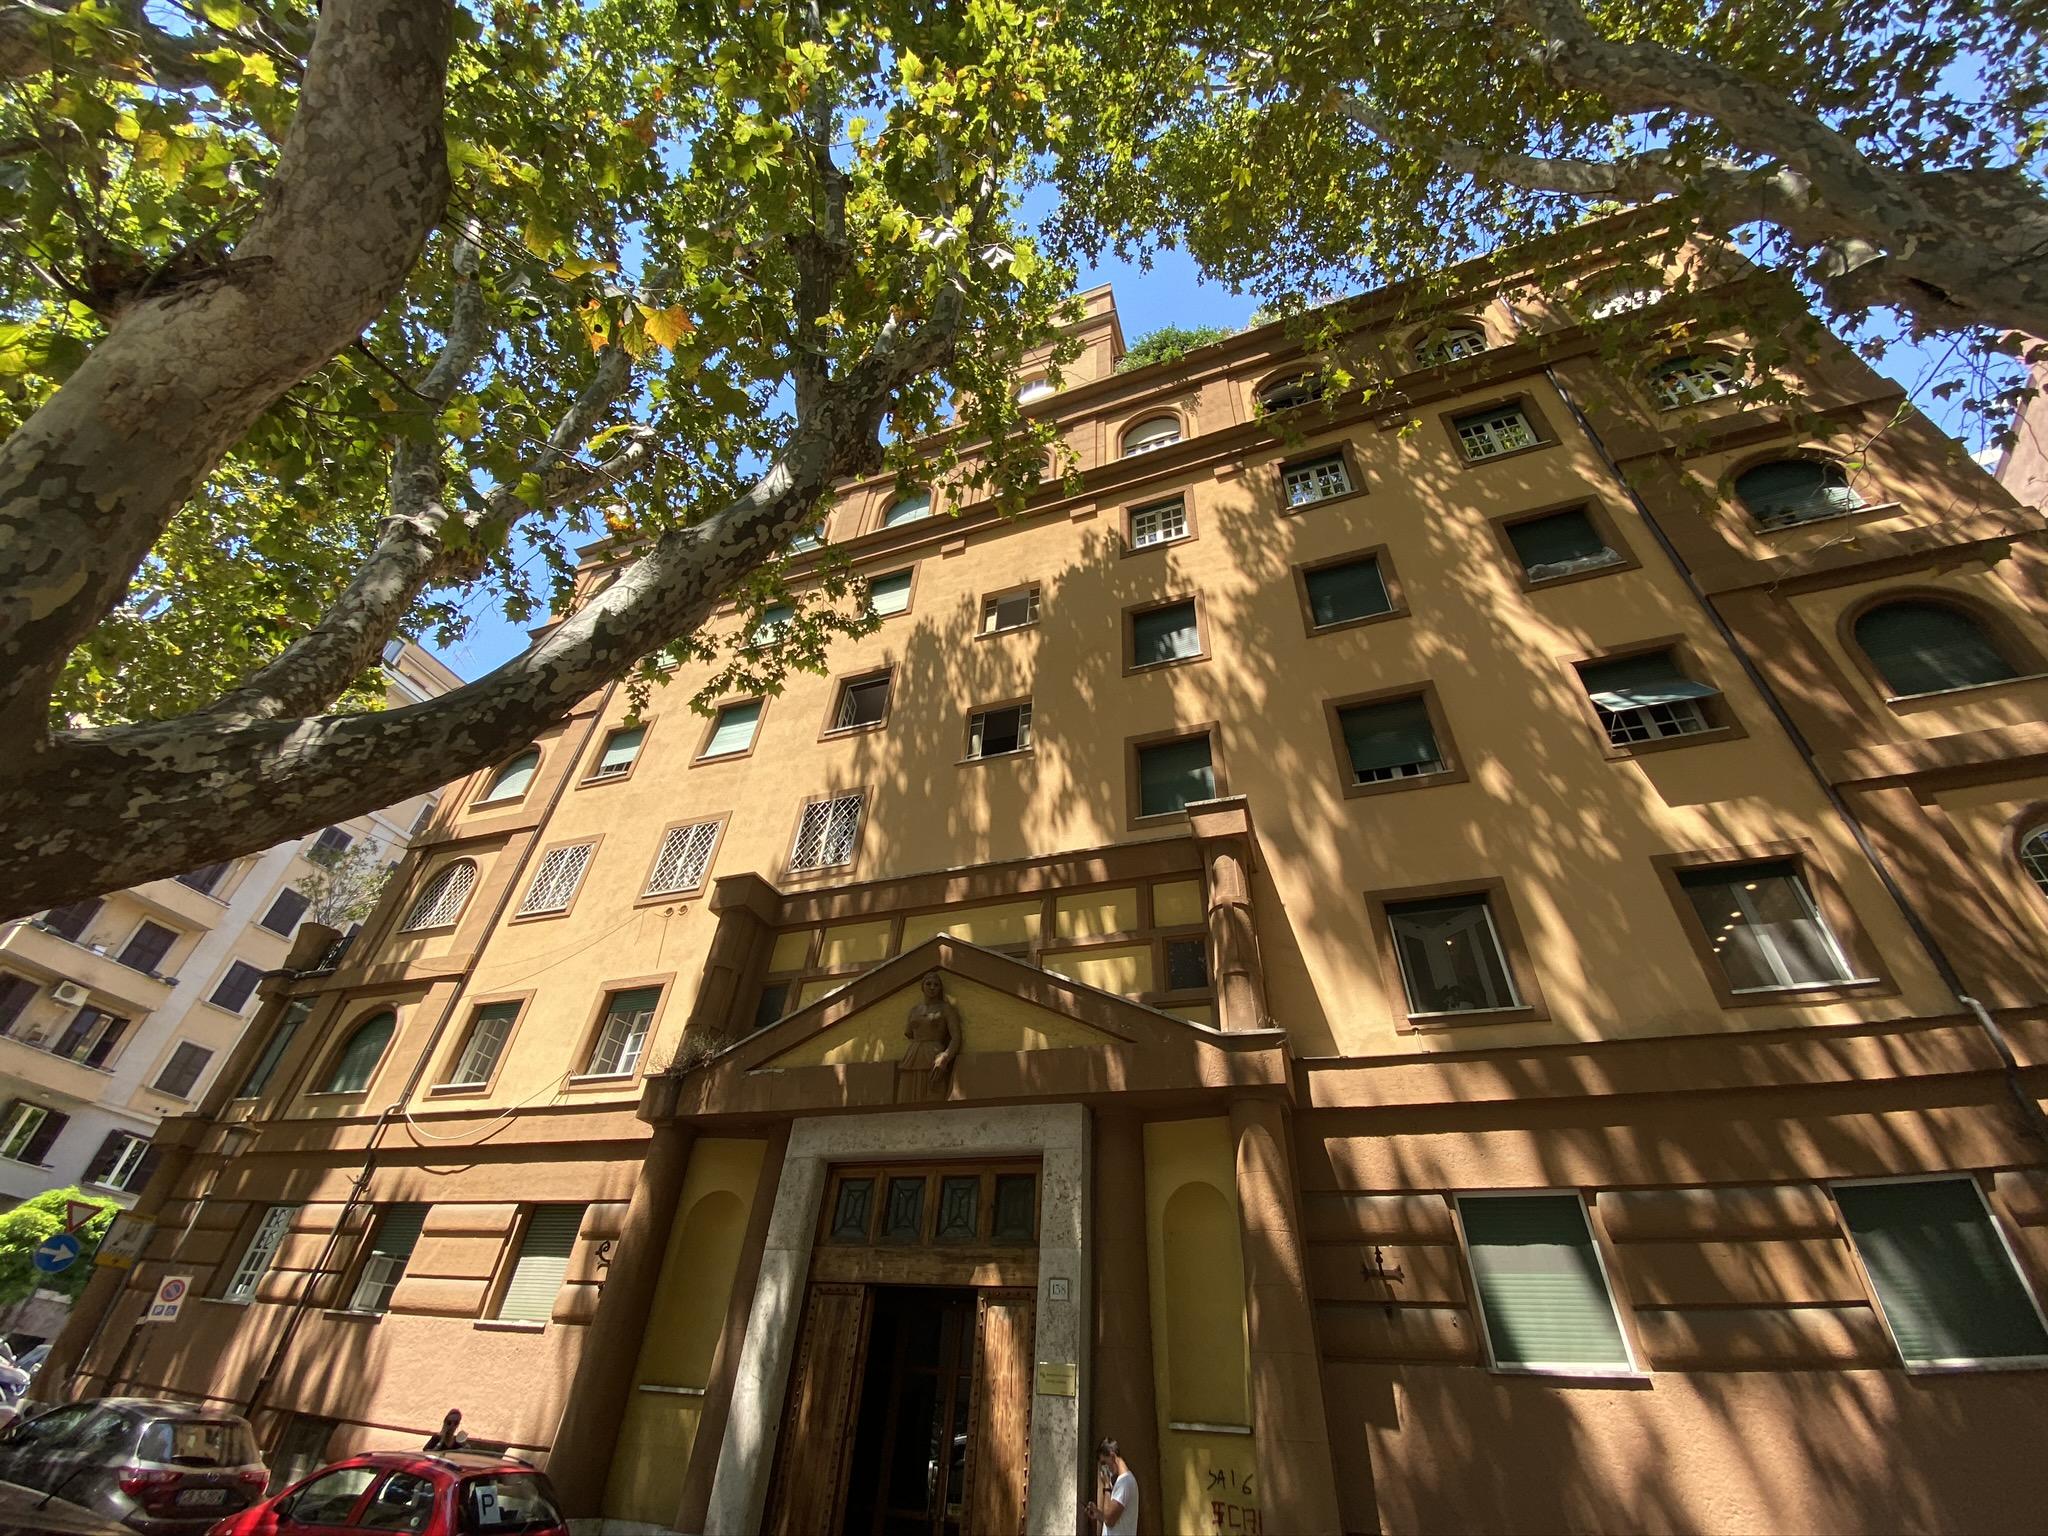 CASETTA MATTEI – Via Eugenio Maccagnani